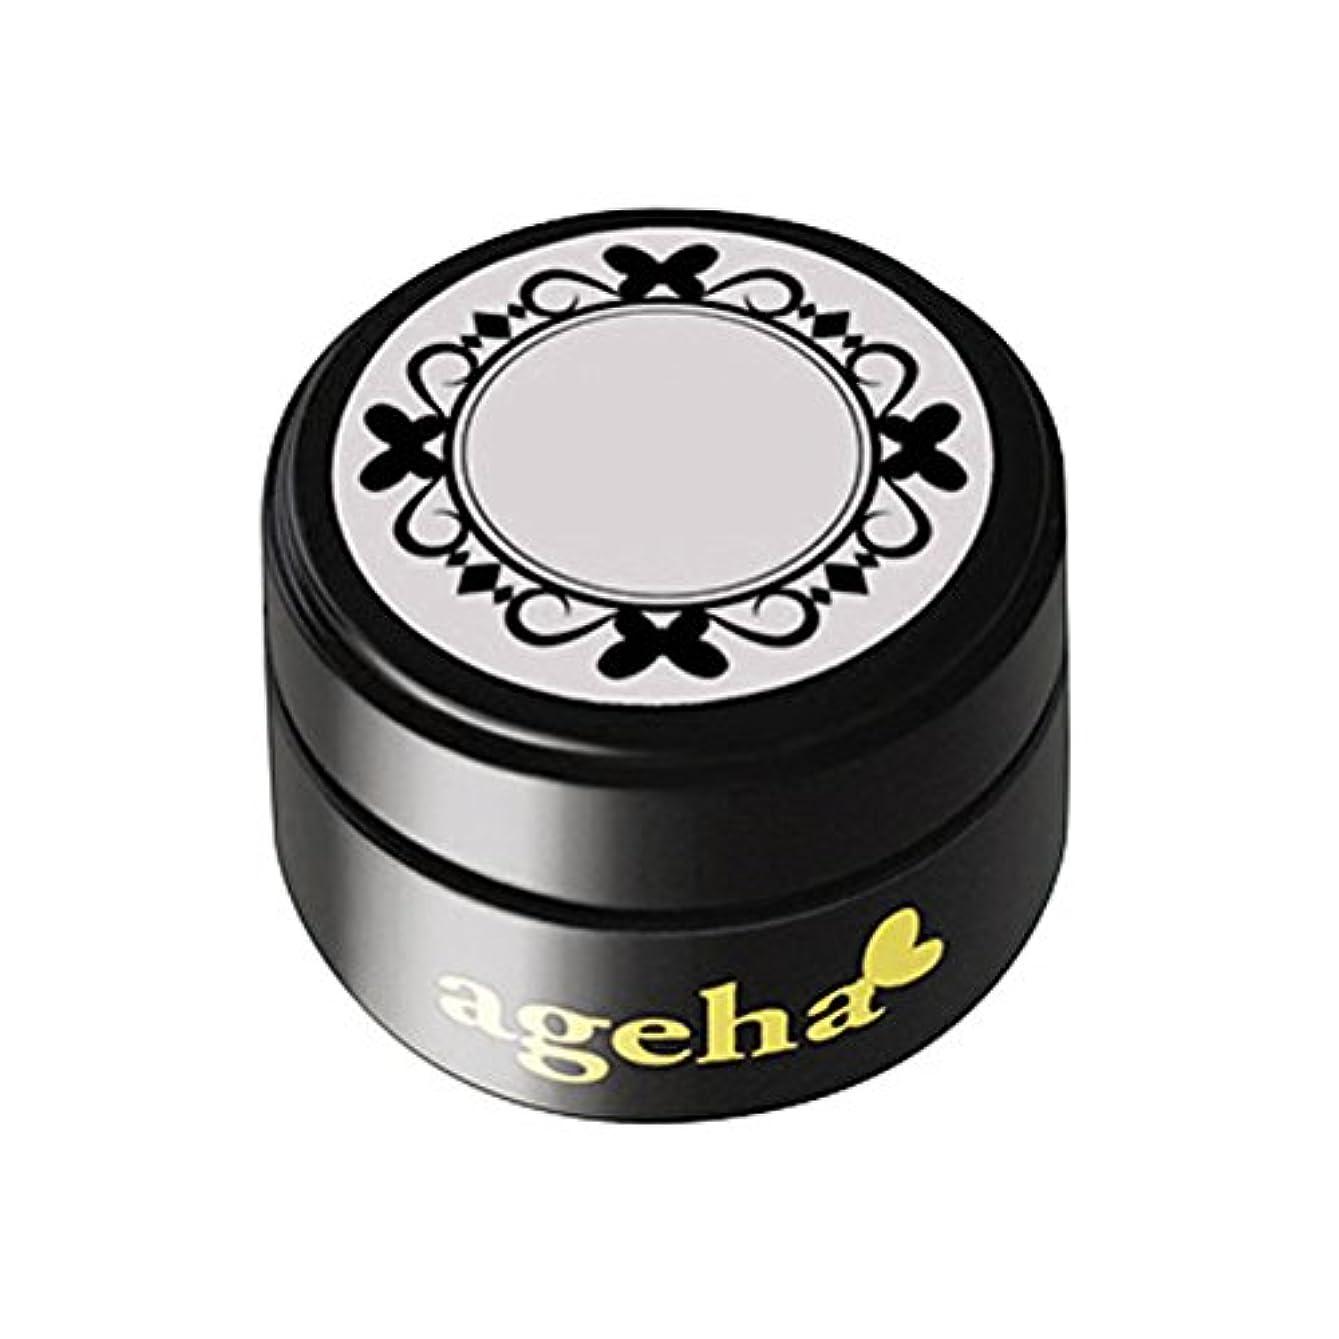 ウガンダ眼を除くpresto ageha カラージェル 35 ブルーシロップ 2.7g